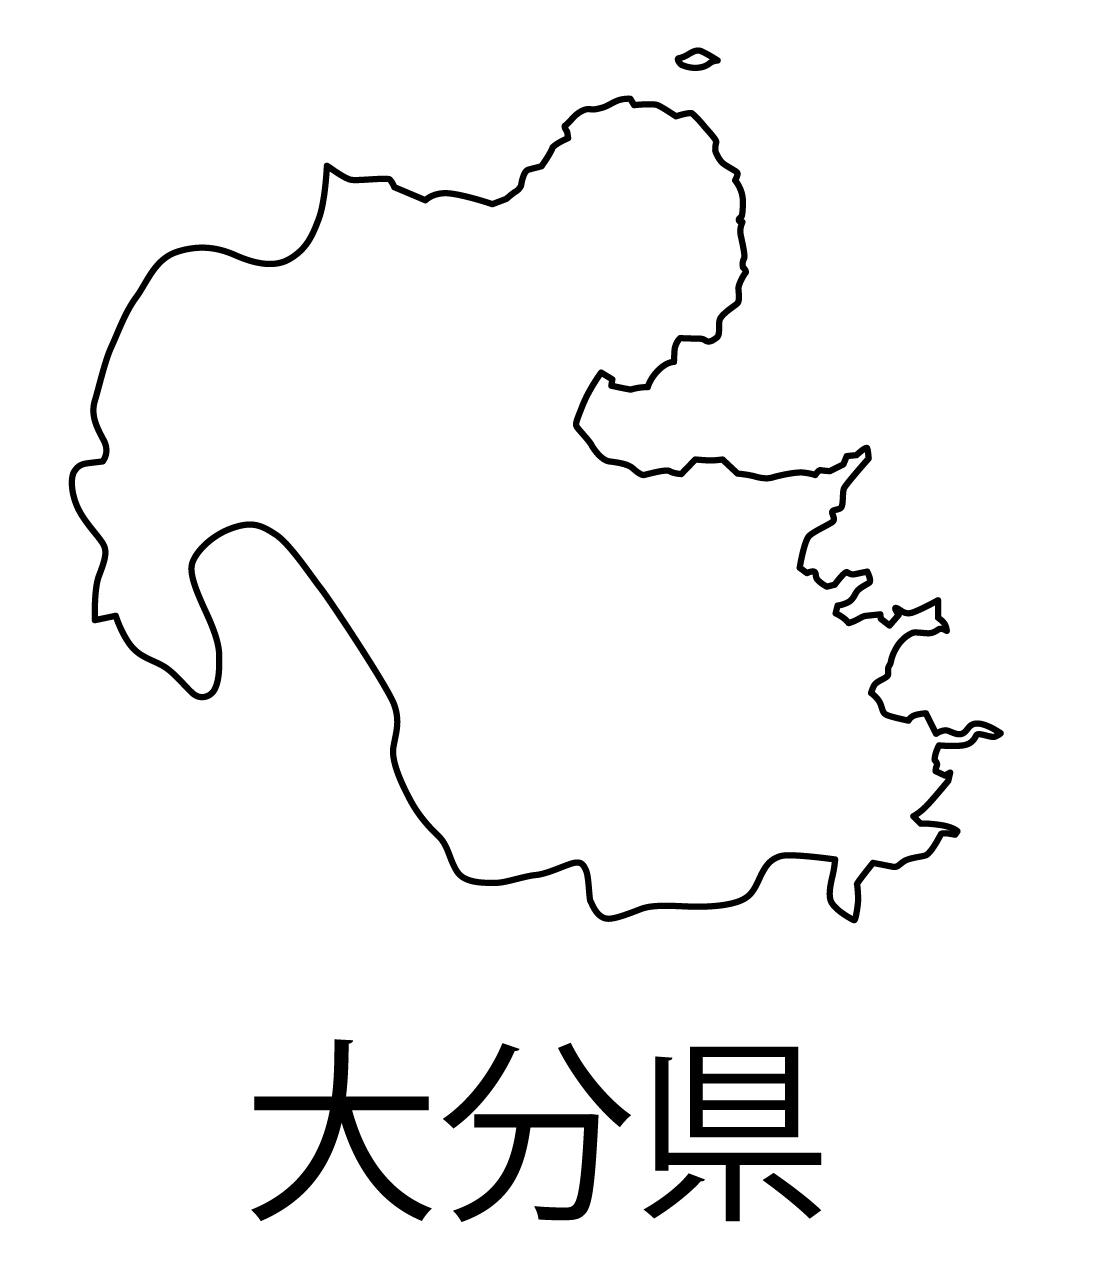 大分県無料フリーイラスト|日本語・都道府県名あり(白)